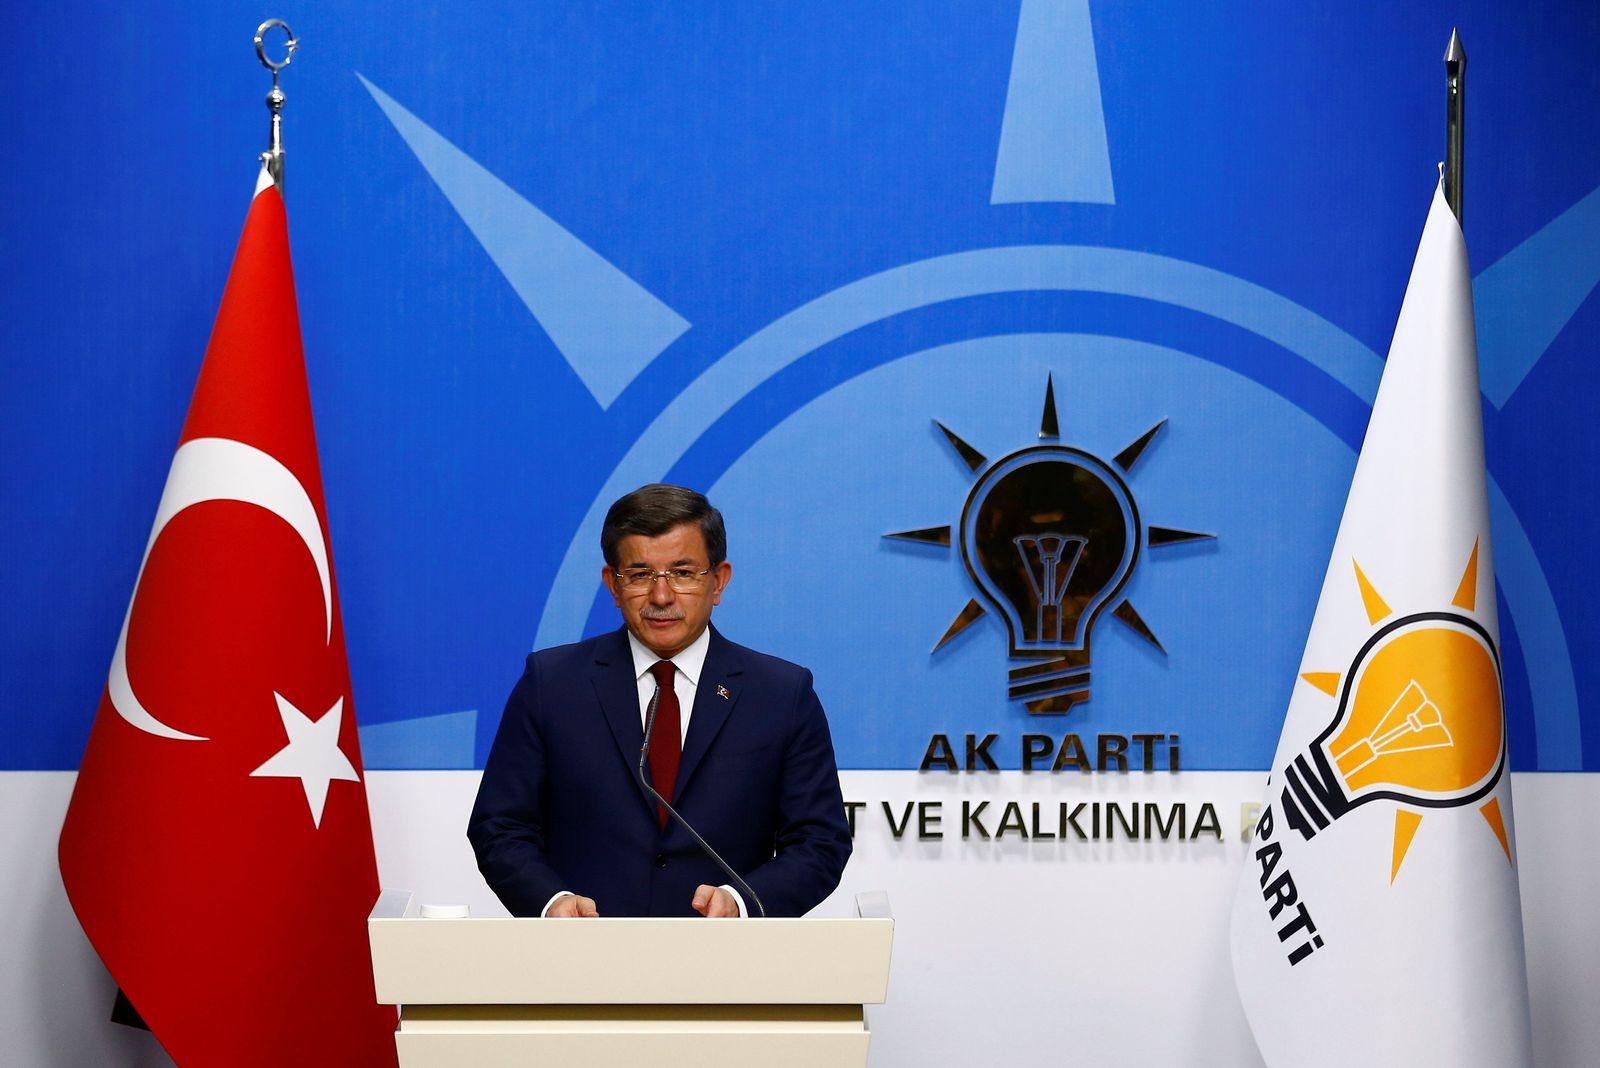 Ahmet Davutoglu/ Ankara